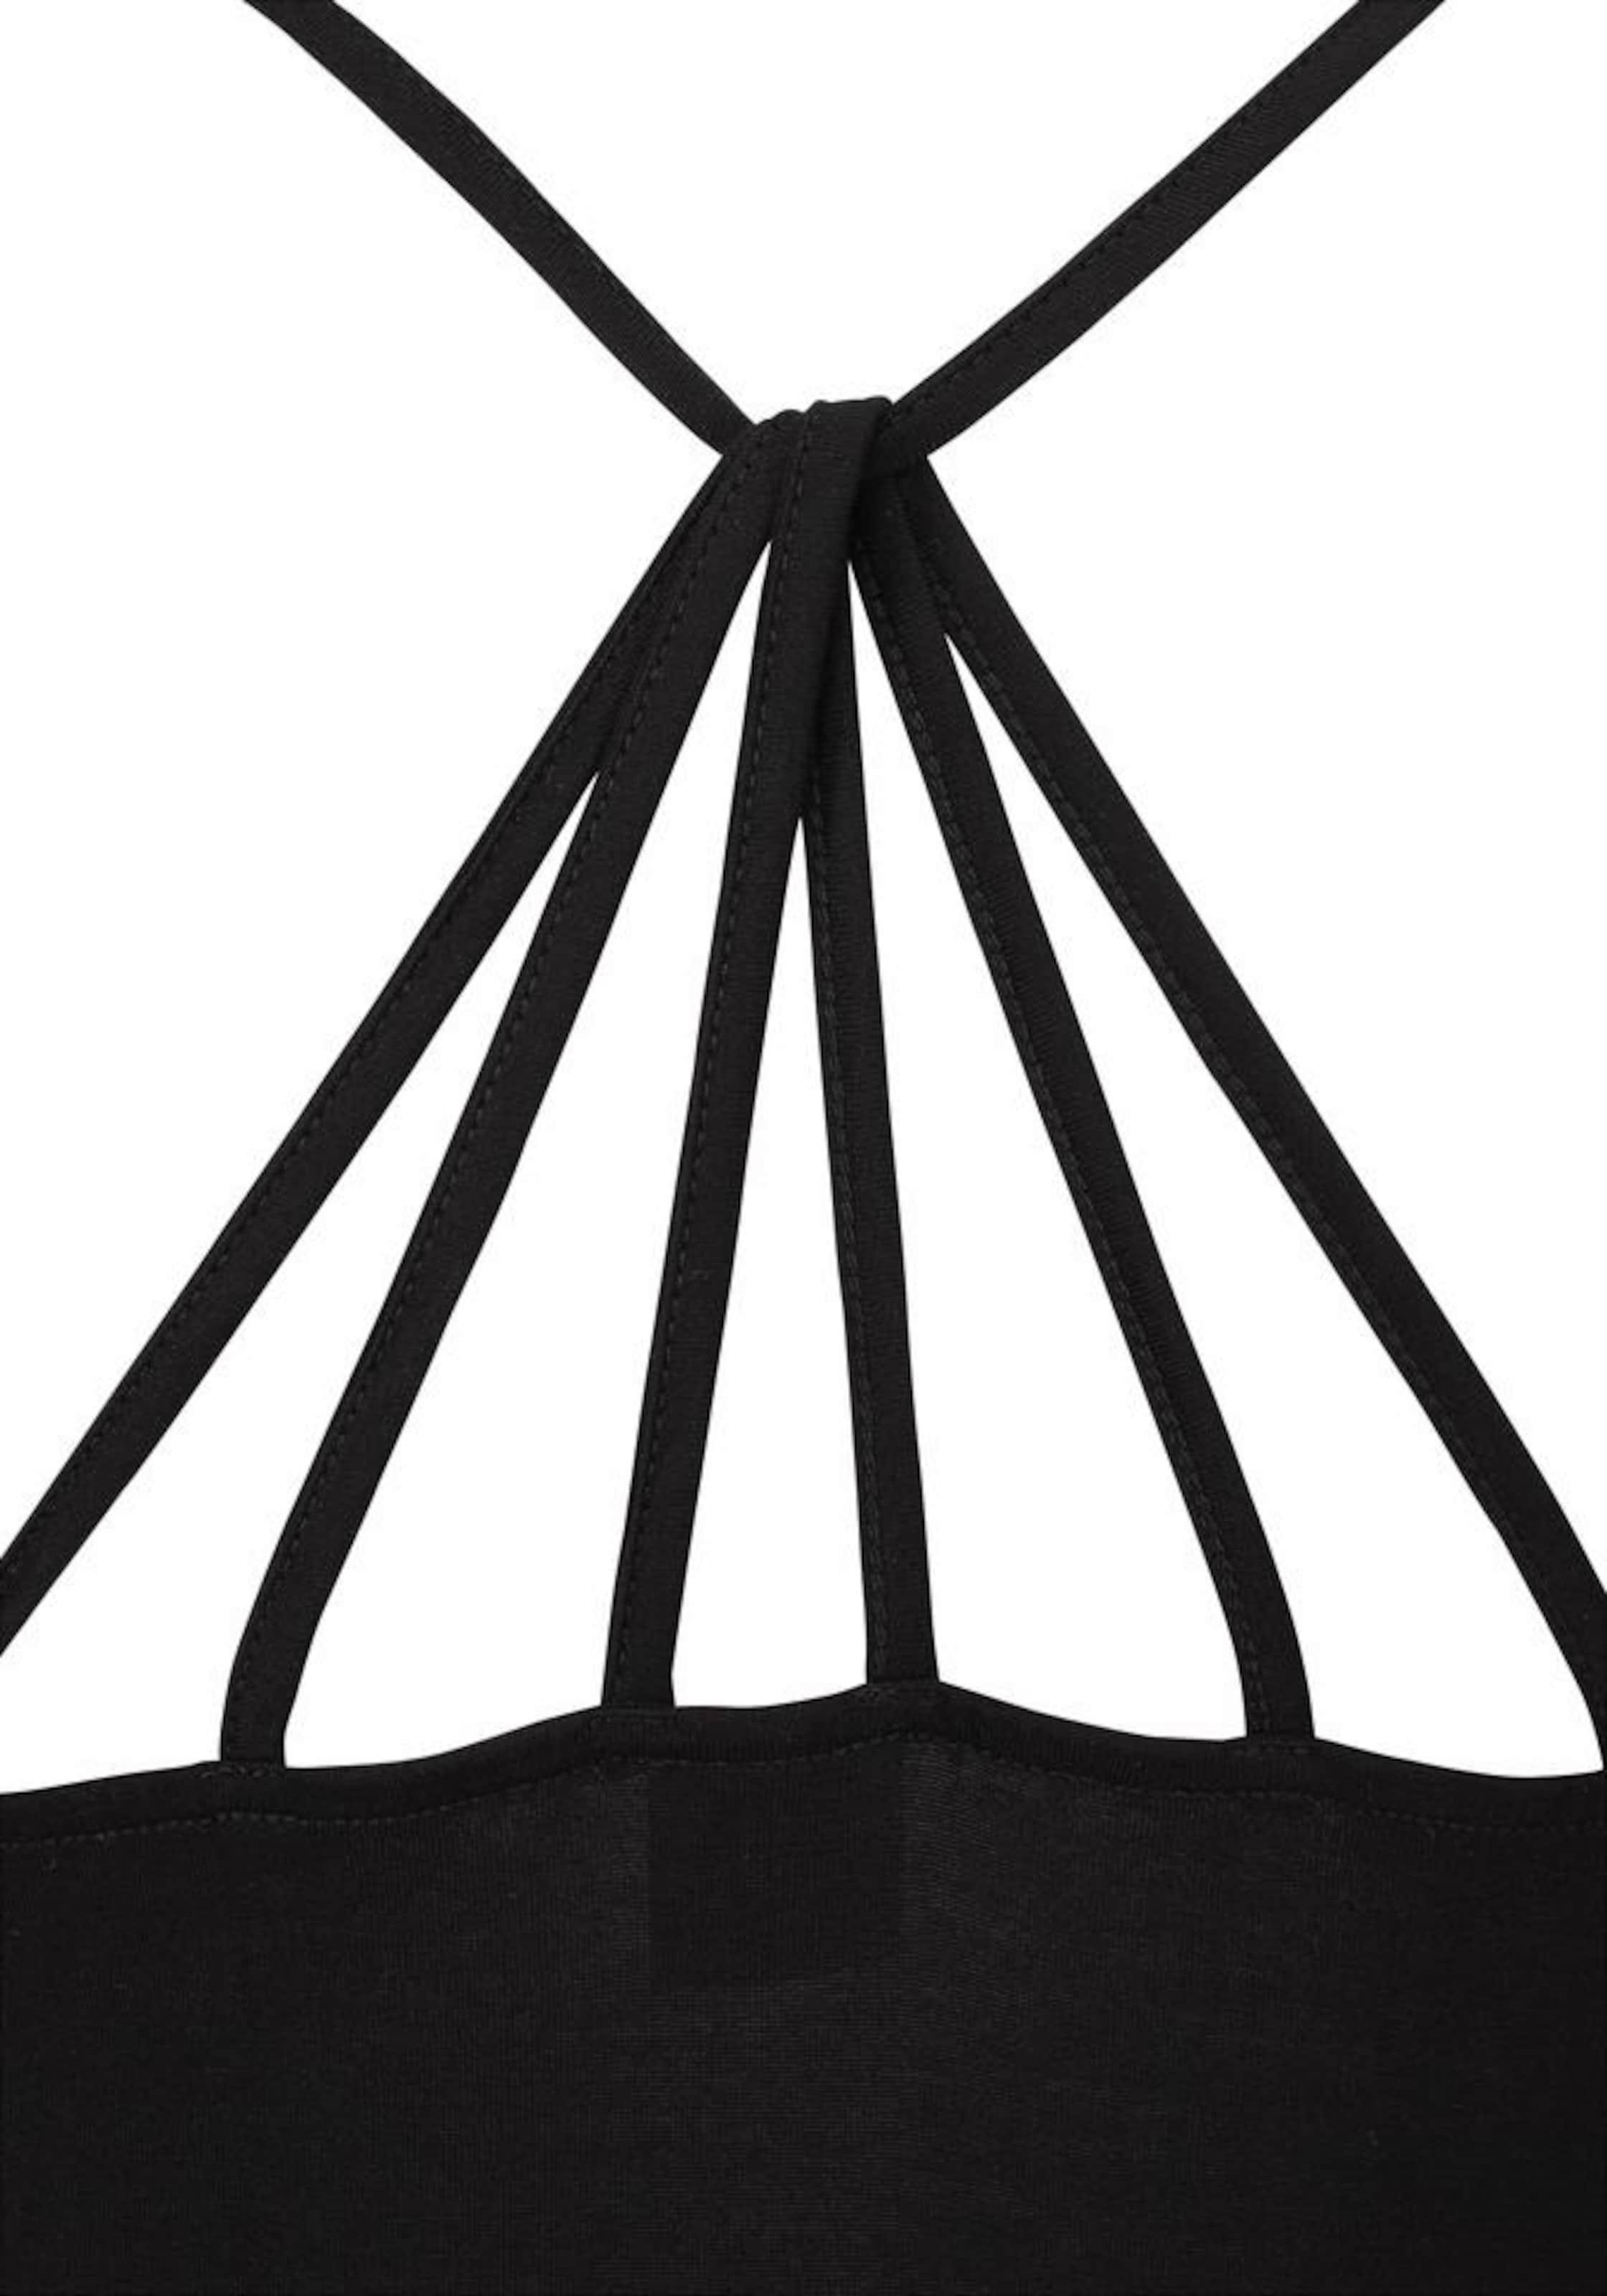 Steckdose Kostengünstig BUFFALO Strandtop Gute Qualität Billig Verkauf 2018 Neueste Kaufen Günstig Online Verkauf Hochwertige 1UTx9SBS